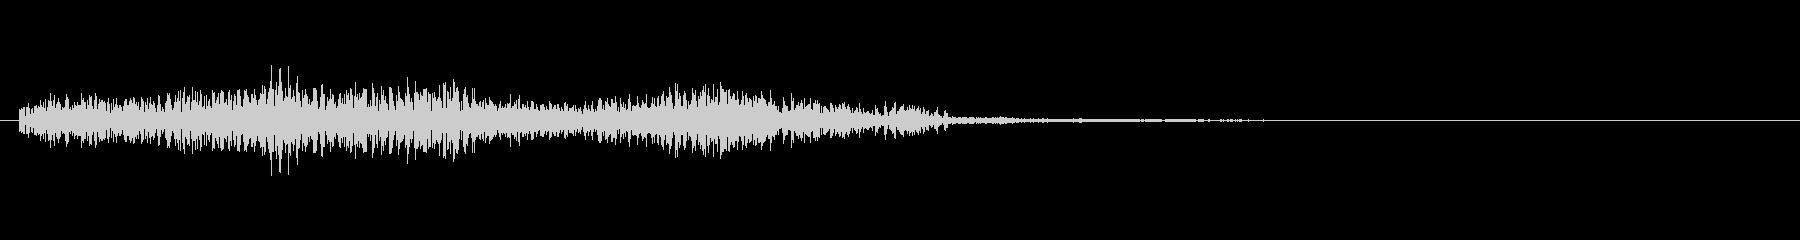 ショッキング(ホラー・ノイズ有り)3の未再生の波形